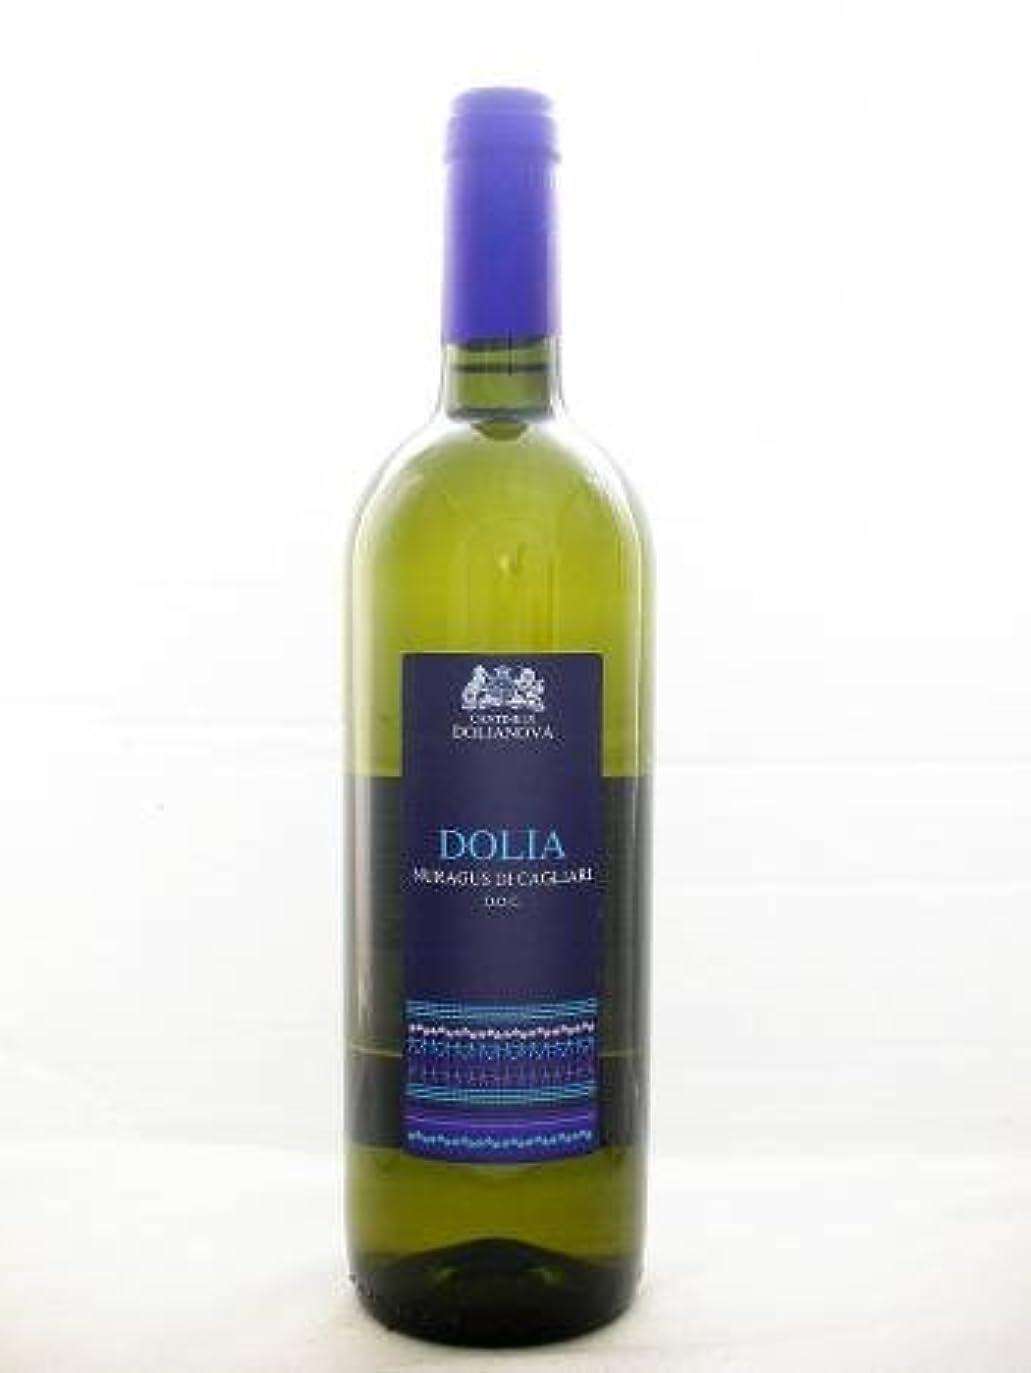 凍る成果依存するドリアノーヴァ ドリア ヌラグス【Dolianova Dolia Nuragus】【イタリア?サルディーニャ州?白ワイン?辛口?750ml】